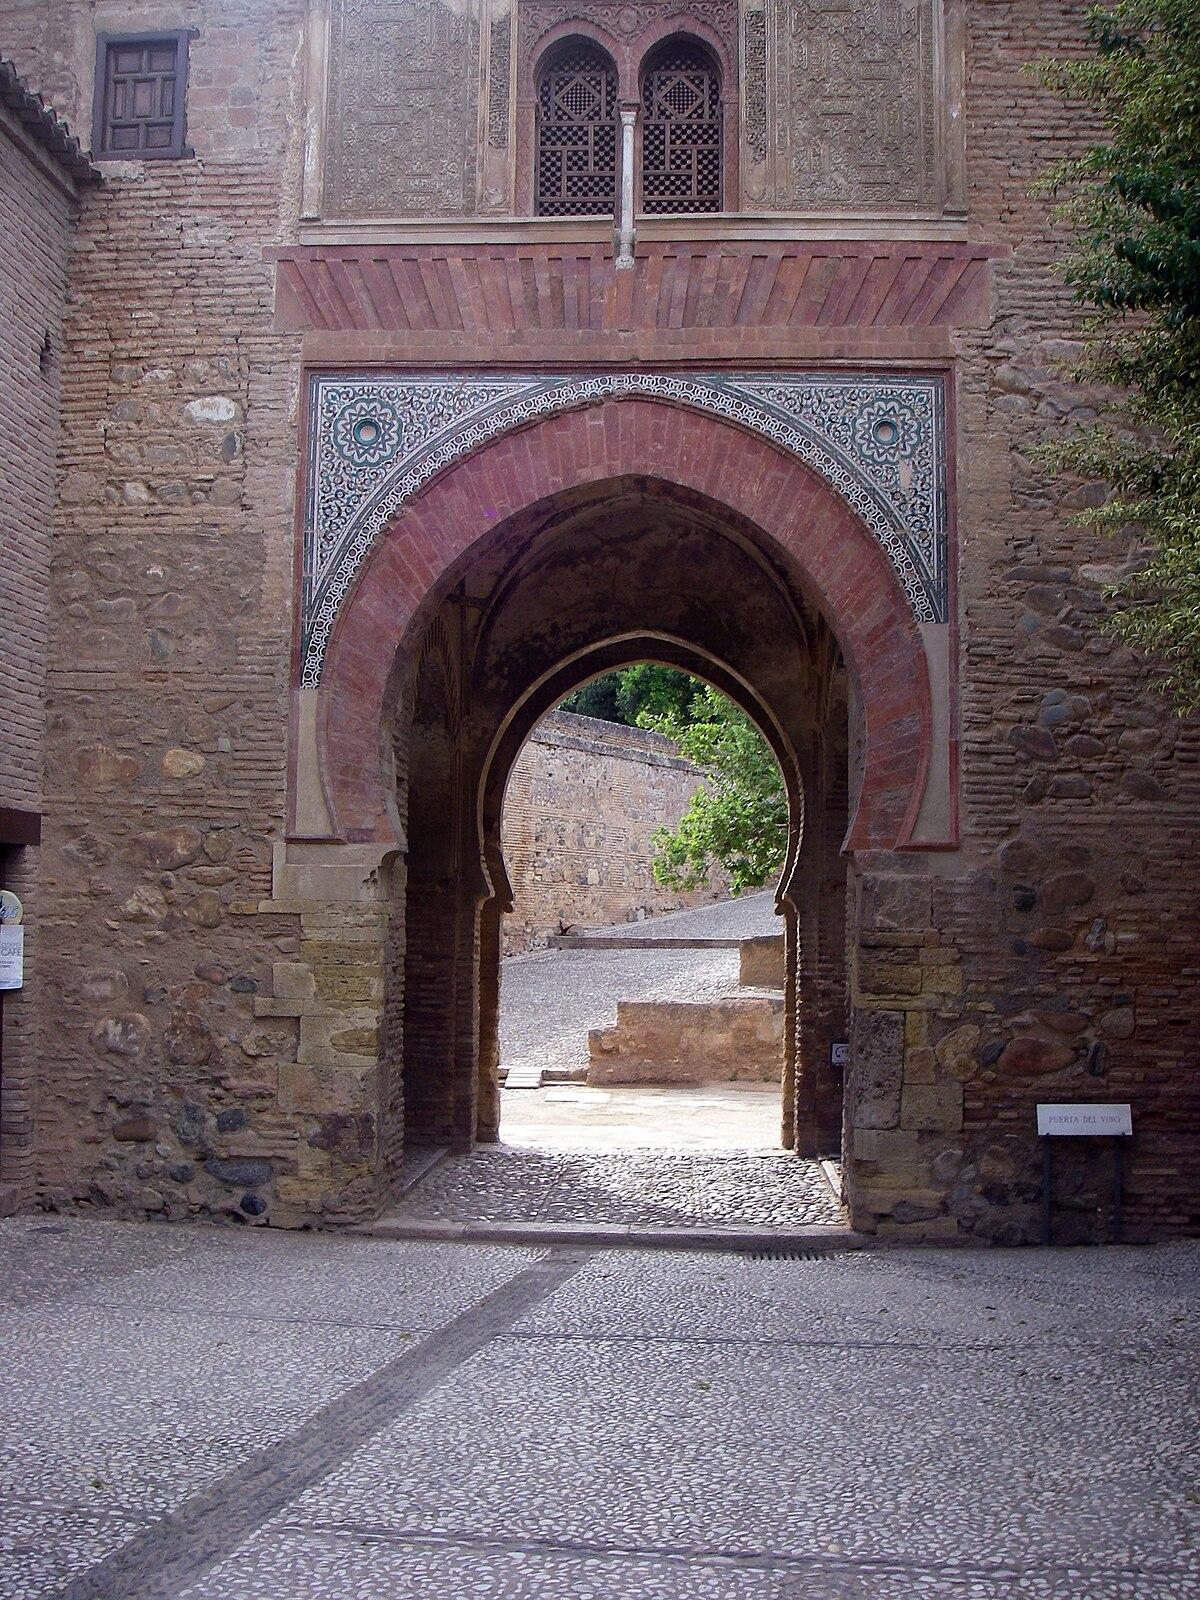 Puerta - Wikipedia, la enciclopedia libre